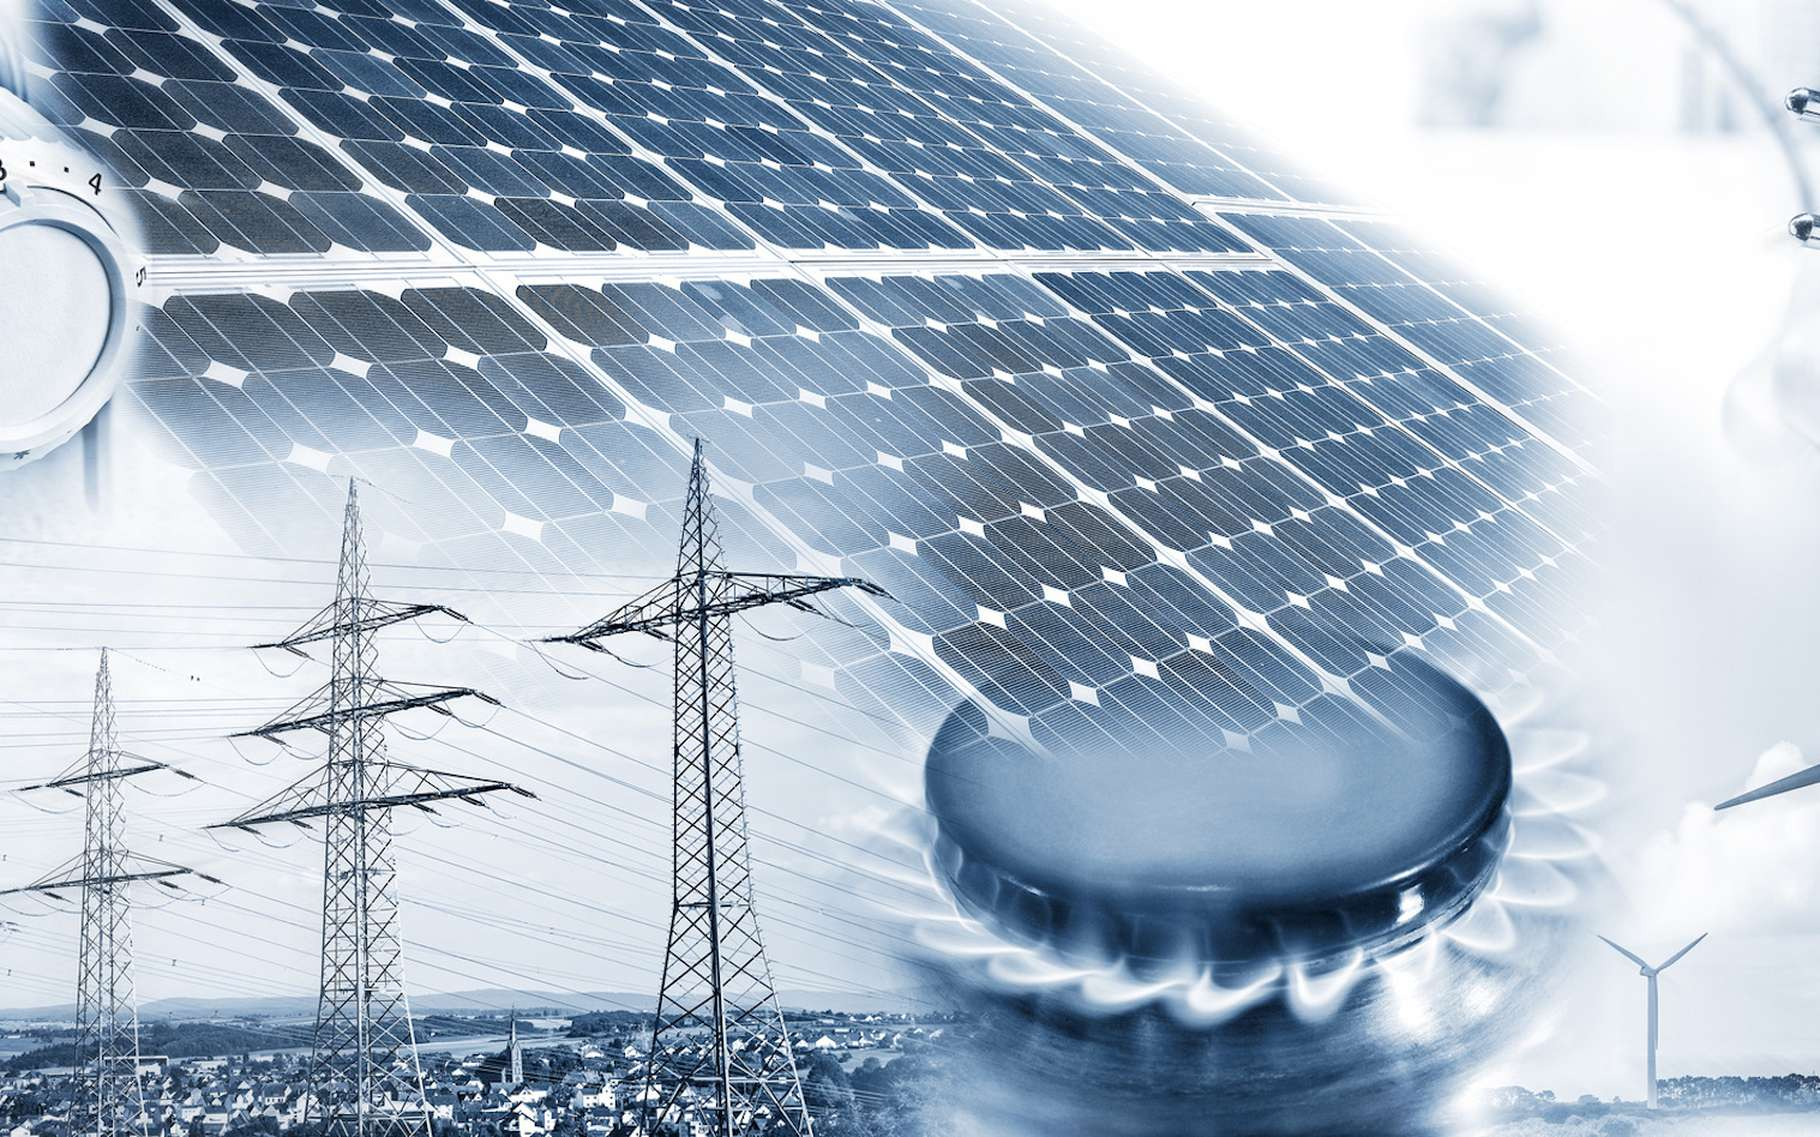 Gaz naturel et énergies renouvelables peuvent être couplés à différents niveaux. © Eisenhans, Fotolia